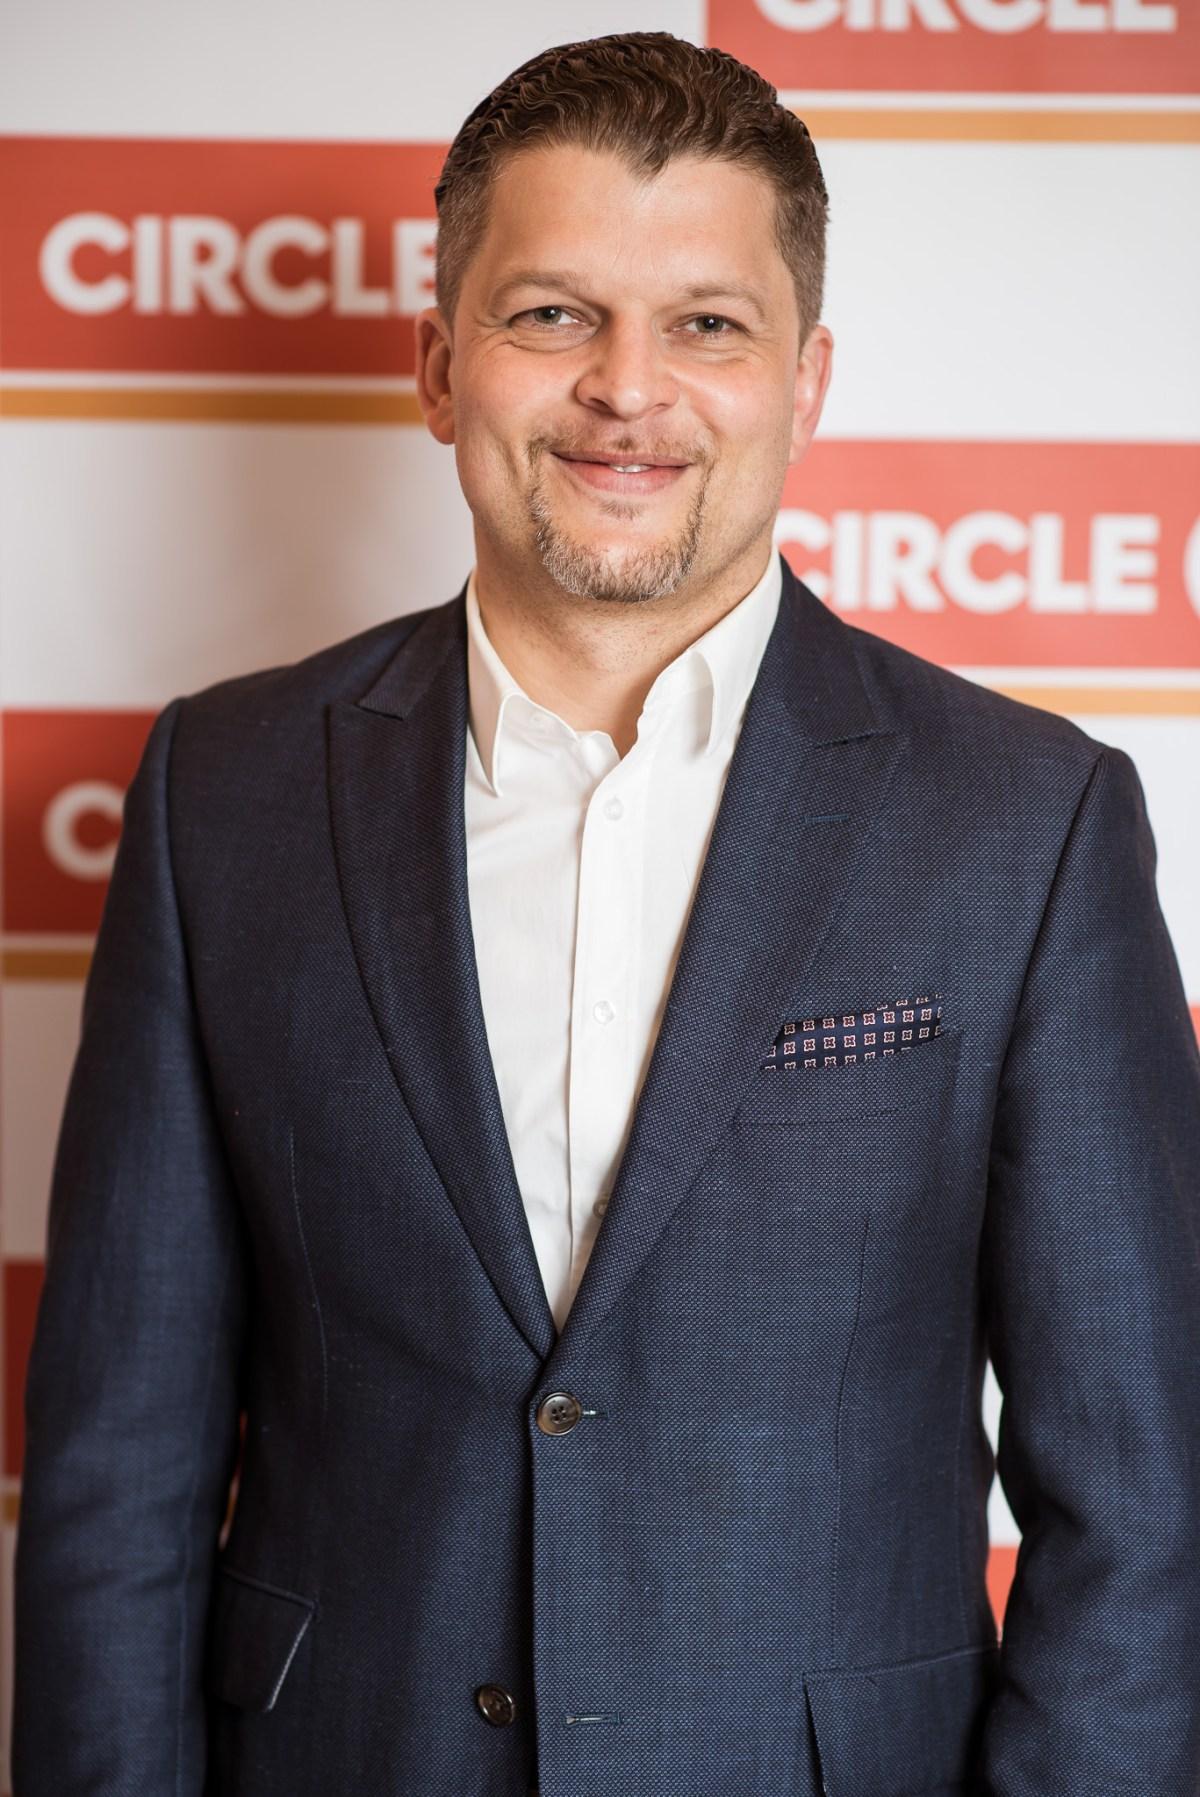 """Skirmantas Mačiukas, the CEO of """"Circle K Lithuania"""